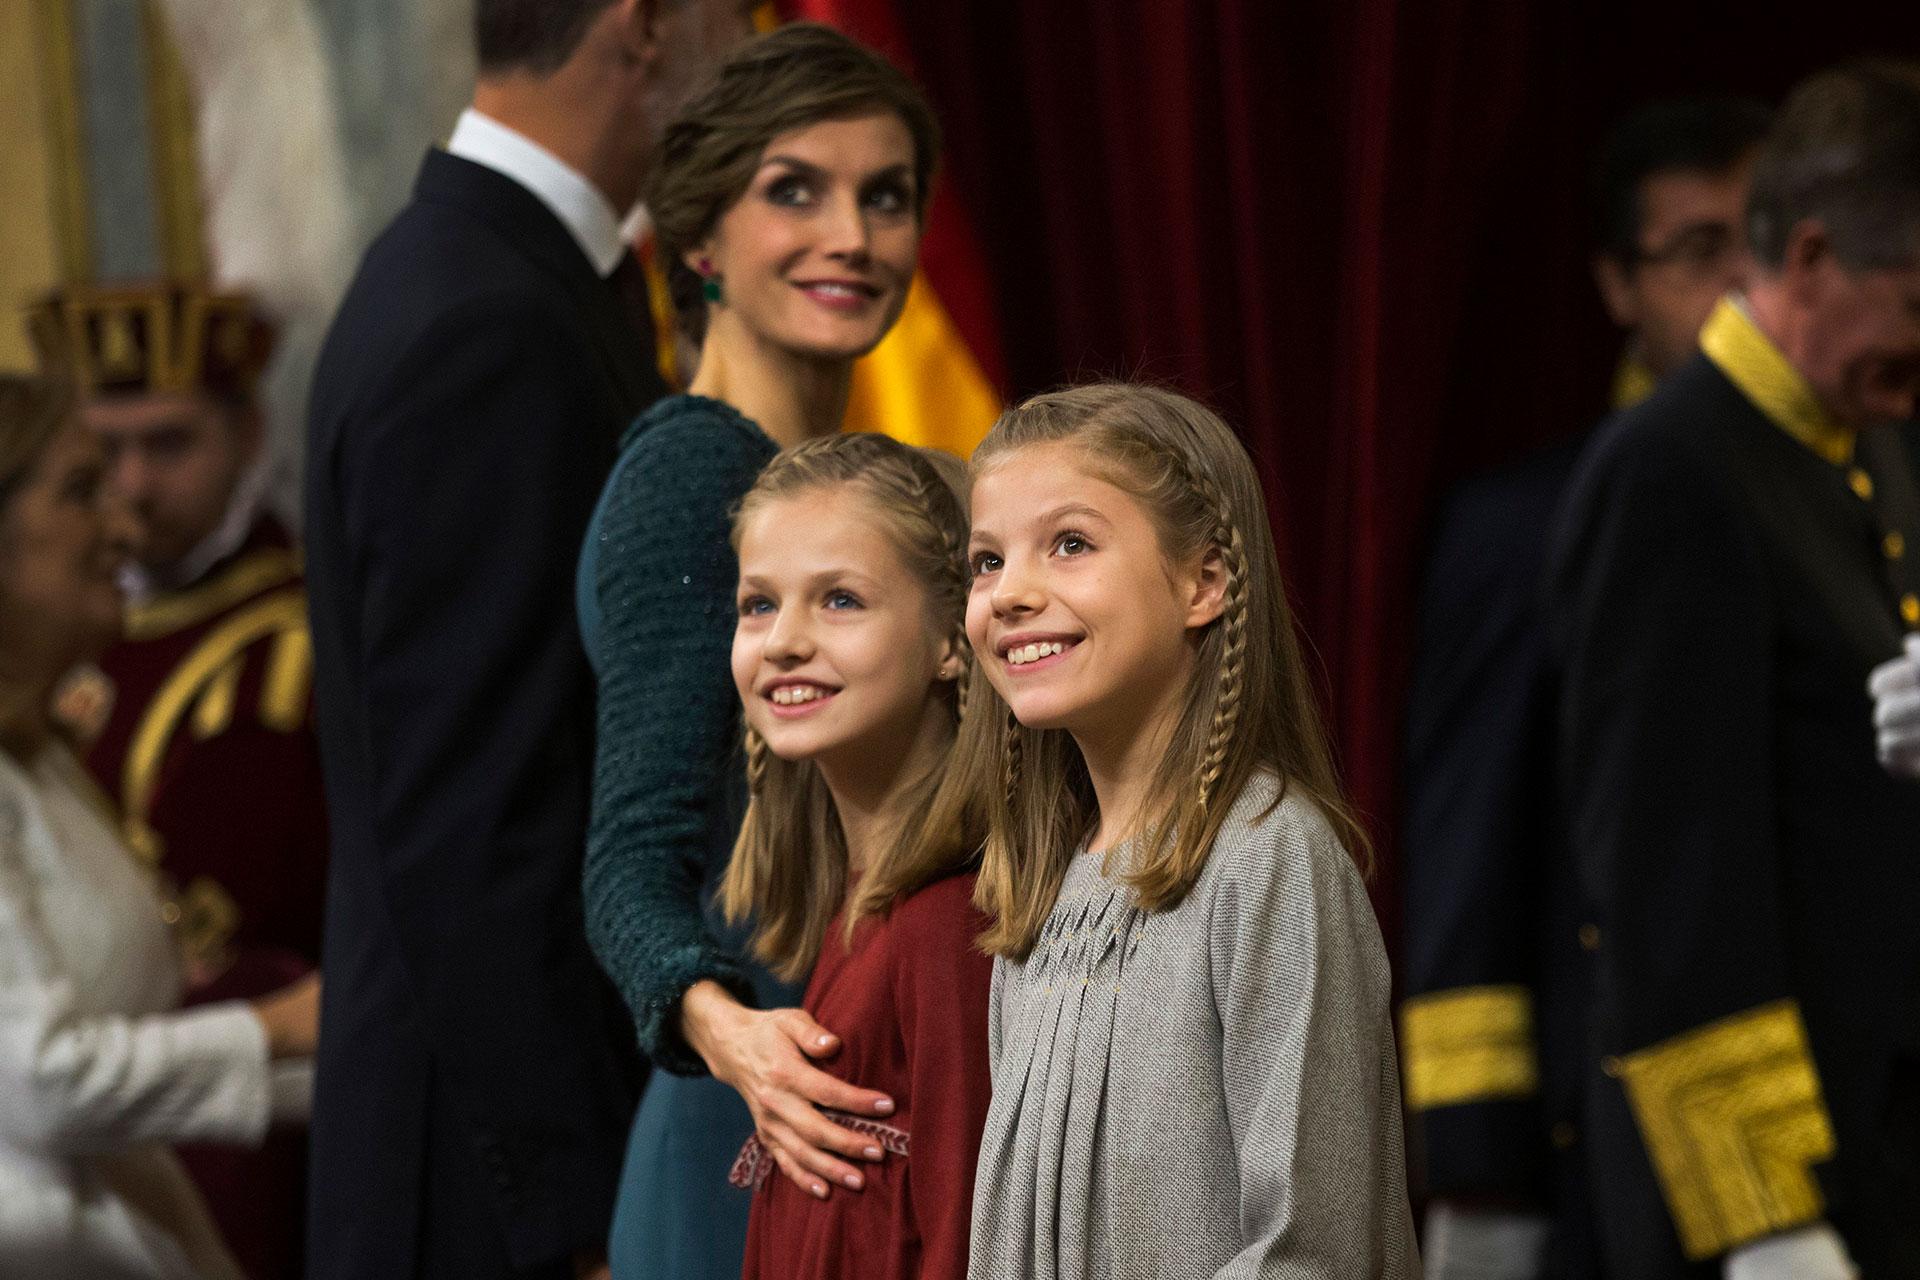 La princesa Leonor y la infanta Sofía también han sido foco de conflicto. Allegados aseguran que la abuela paterna de las niñas siempre ha reprochado que ve poco a sus nietas por culpa de Letizia.